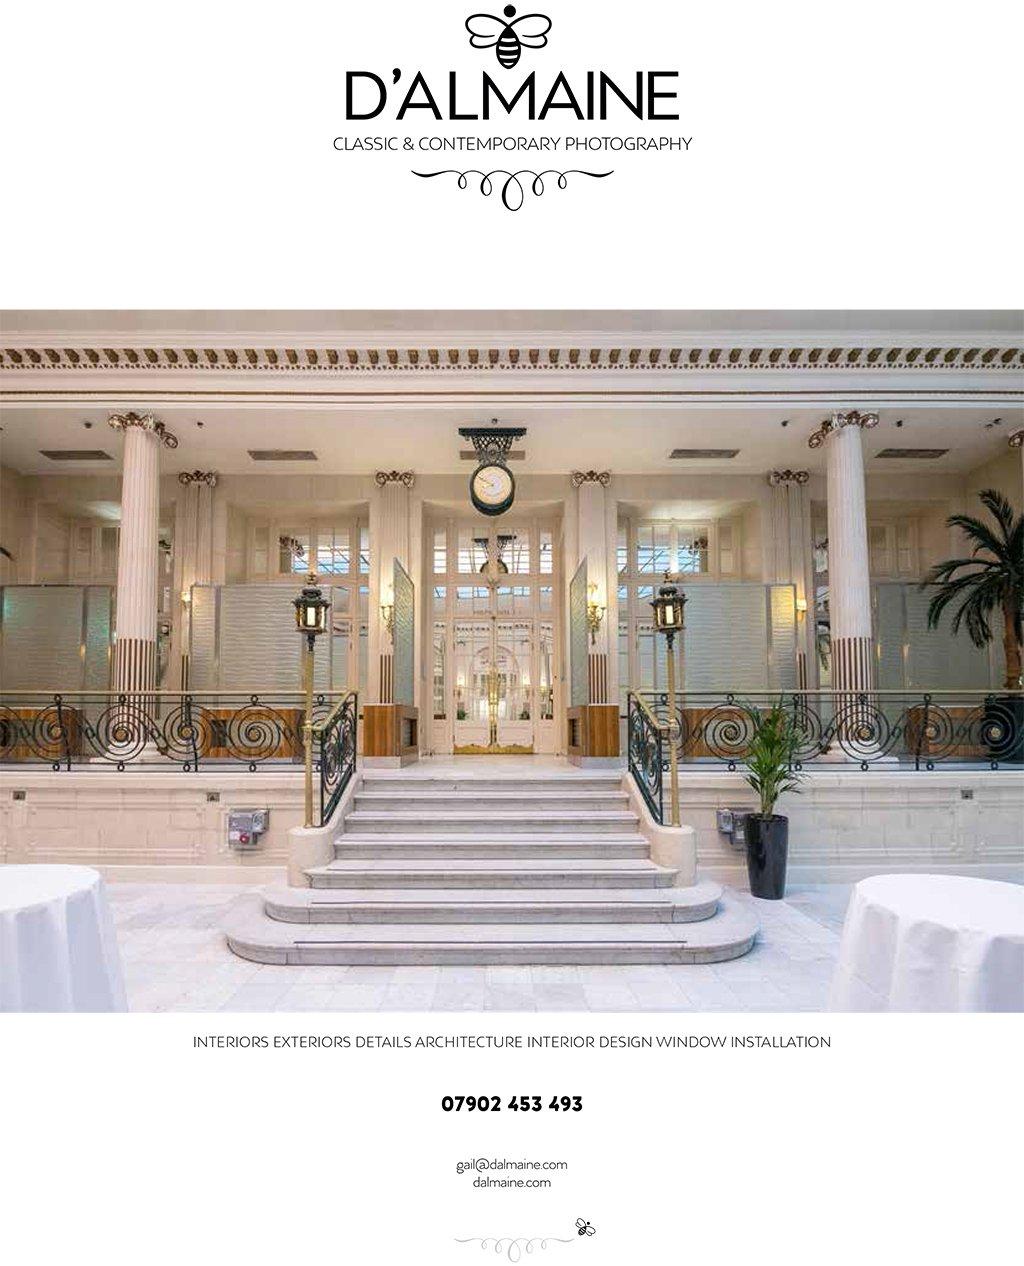 D'Almaine Shortfolio interiors and exteriors download